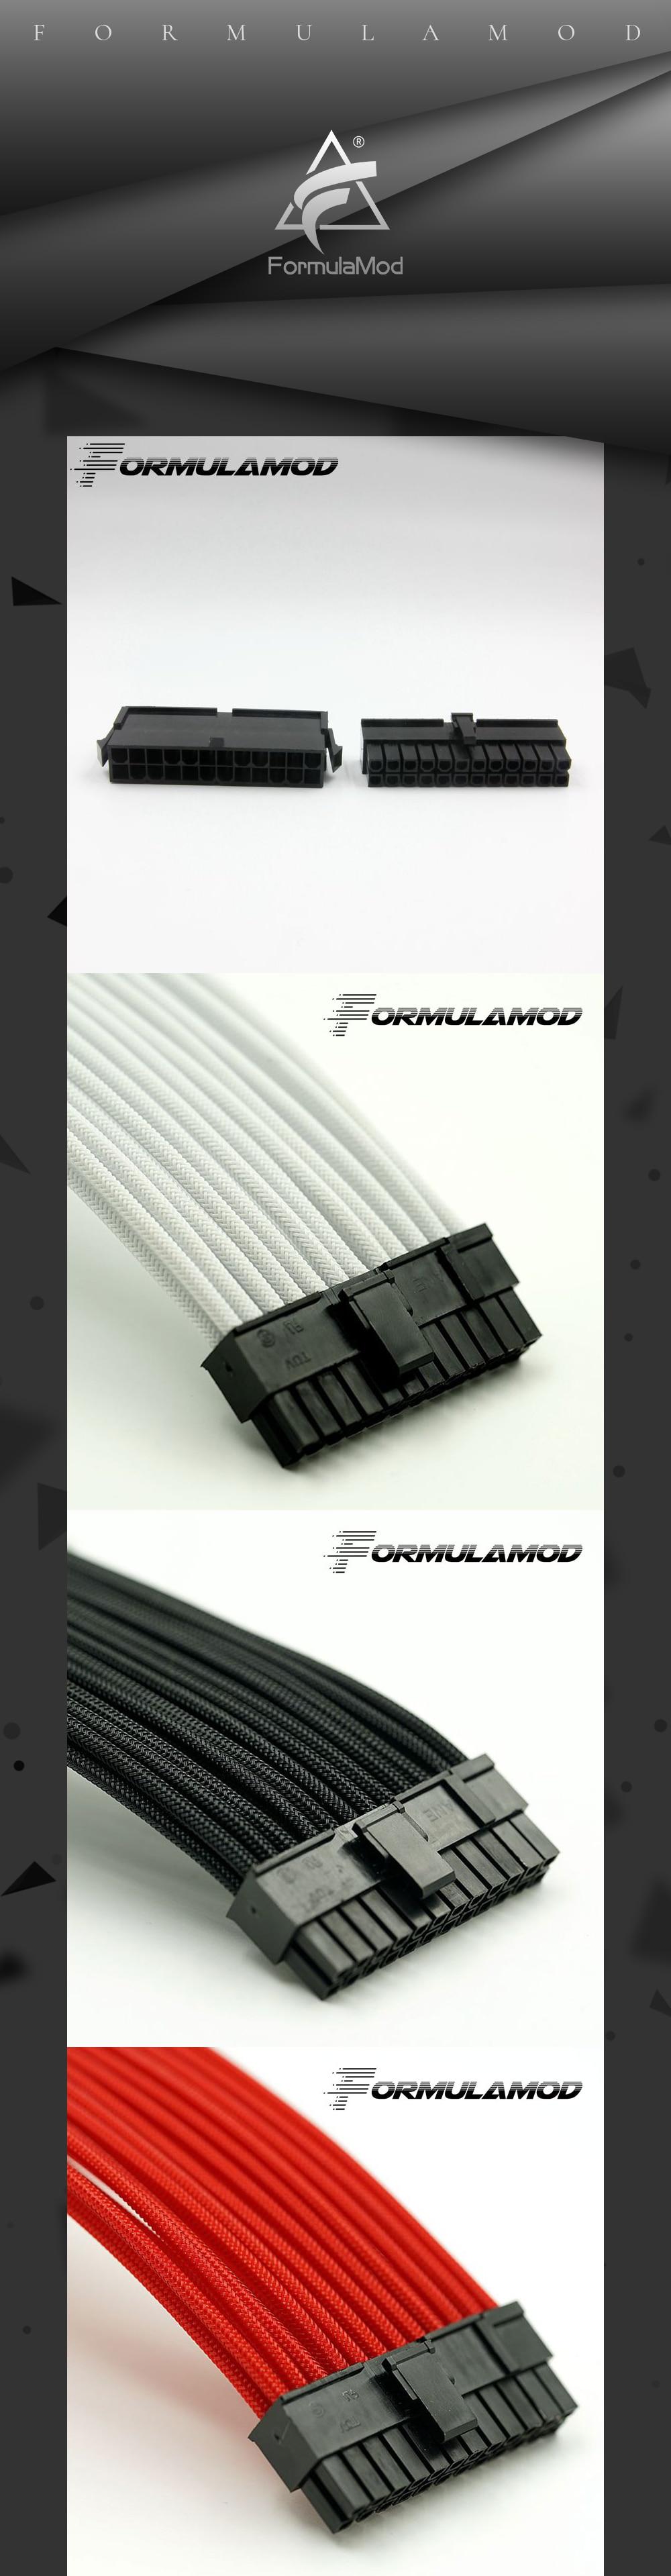 FormulaMod Fm-ATX24P-A, ATX 24Pin материнская плата удлинитель, 18AWG 24Pin многоцветные соответствующие кабели расширения